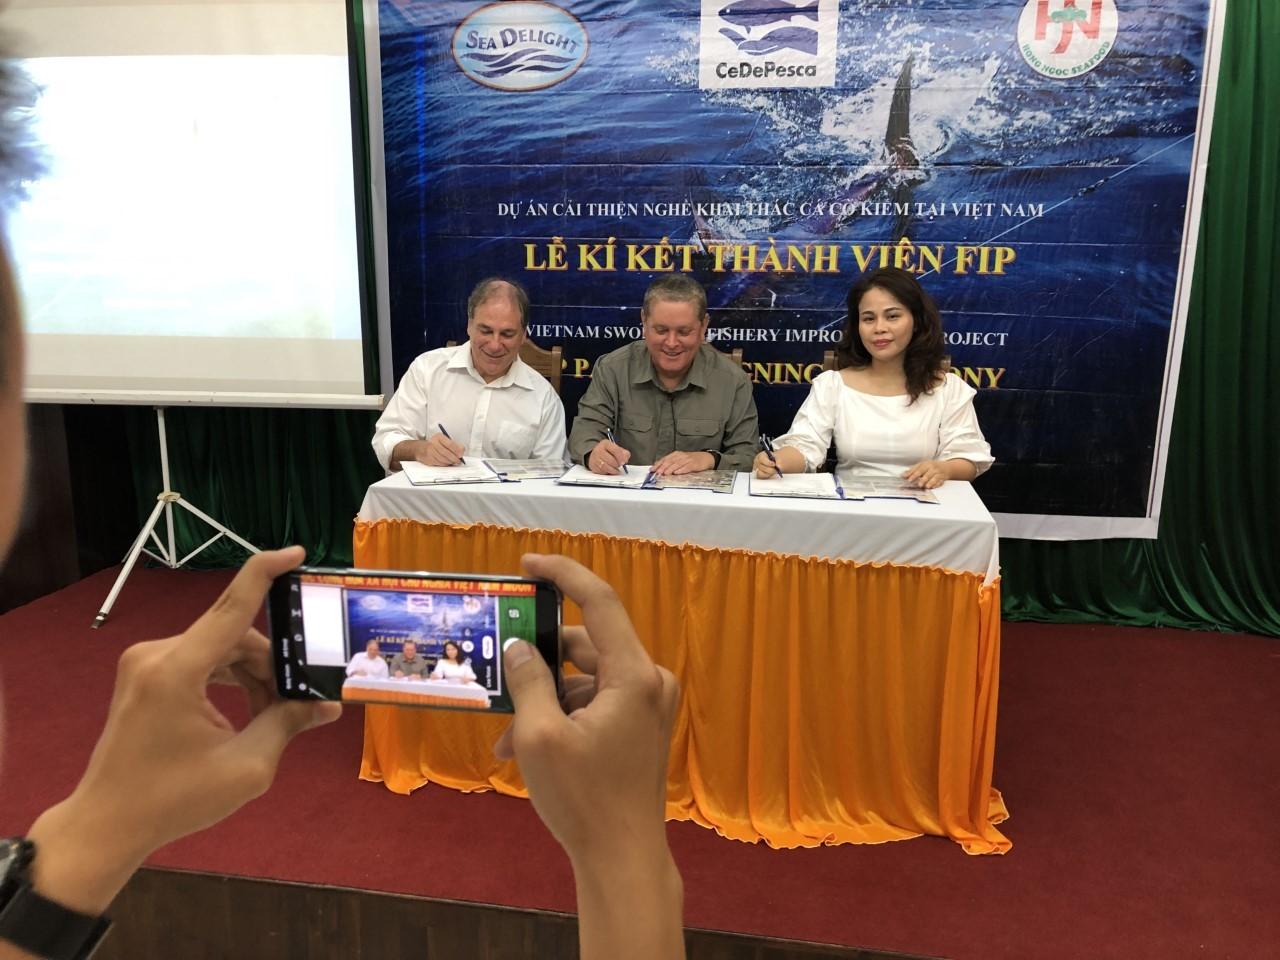 Ernesto Godelman (CeDePesca), Stephen Fisher (Sea Delight) and Tran Thi Hong Ngoc (Hong Ngoc)